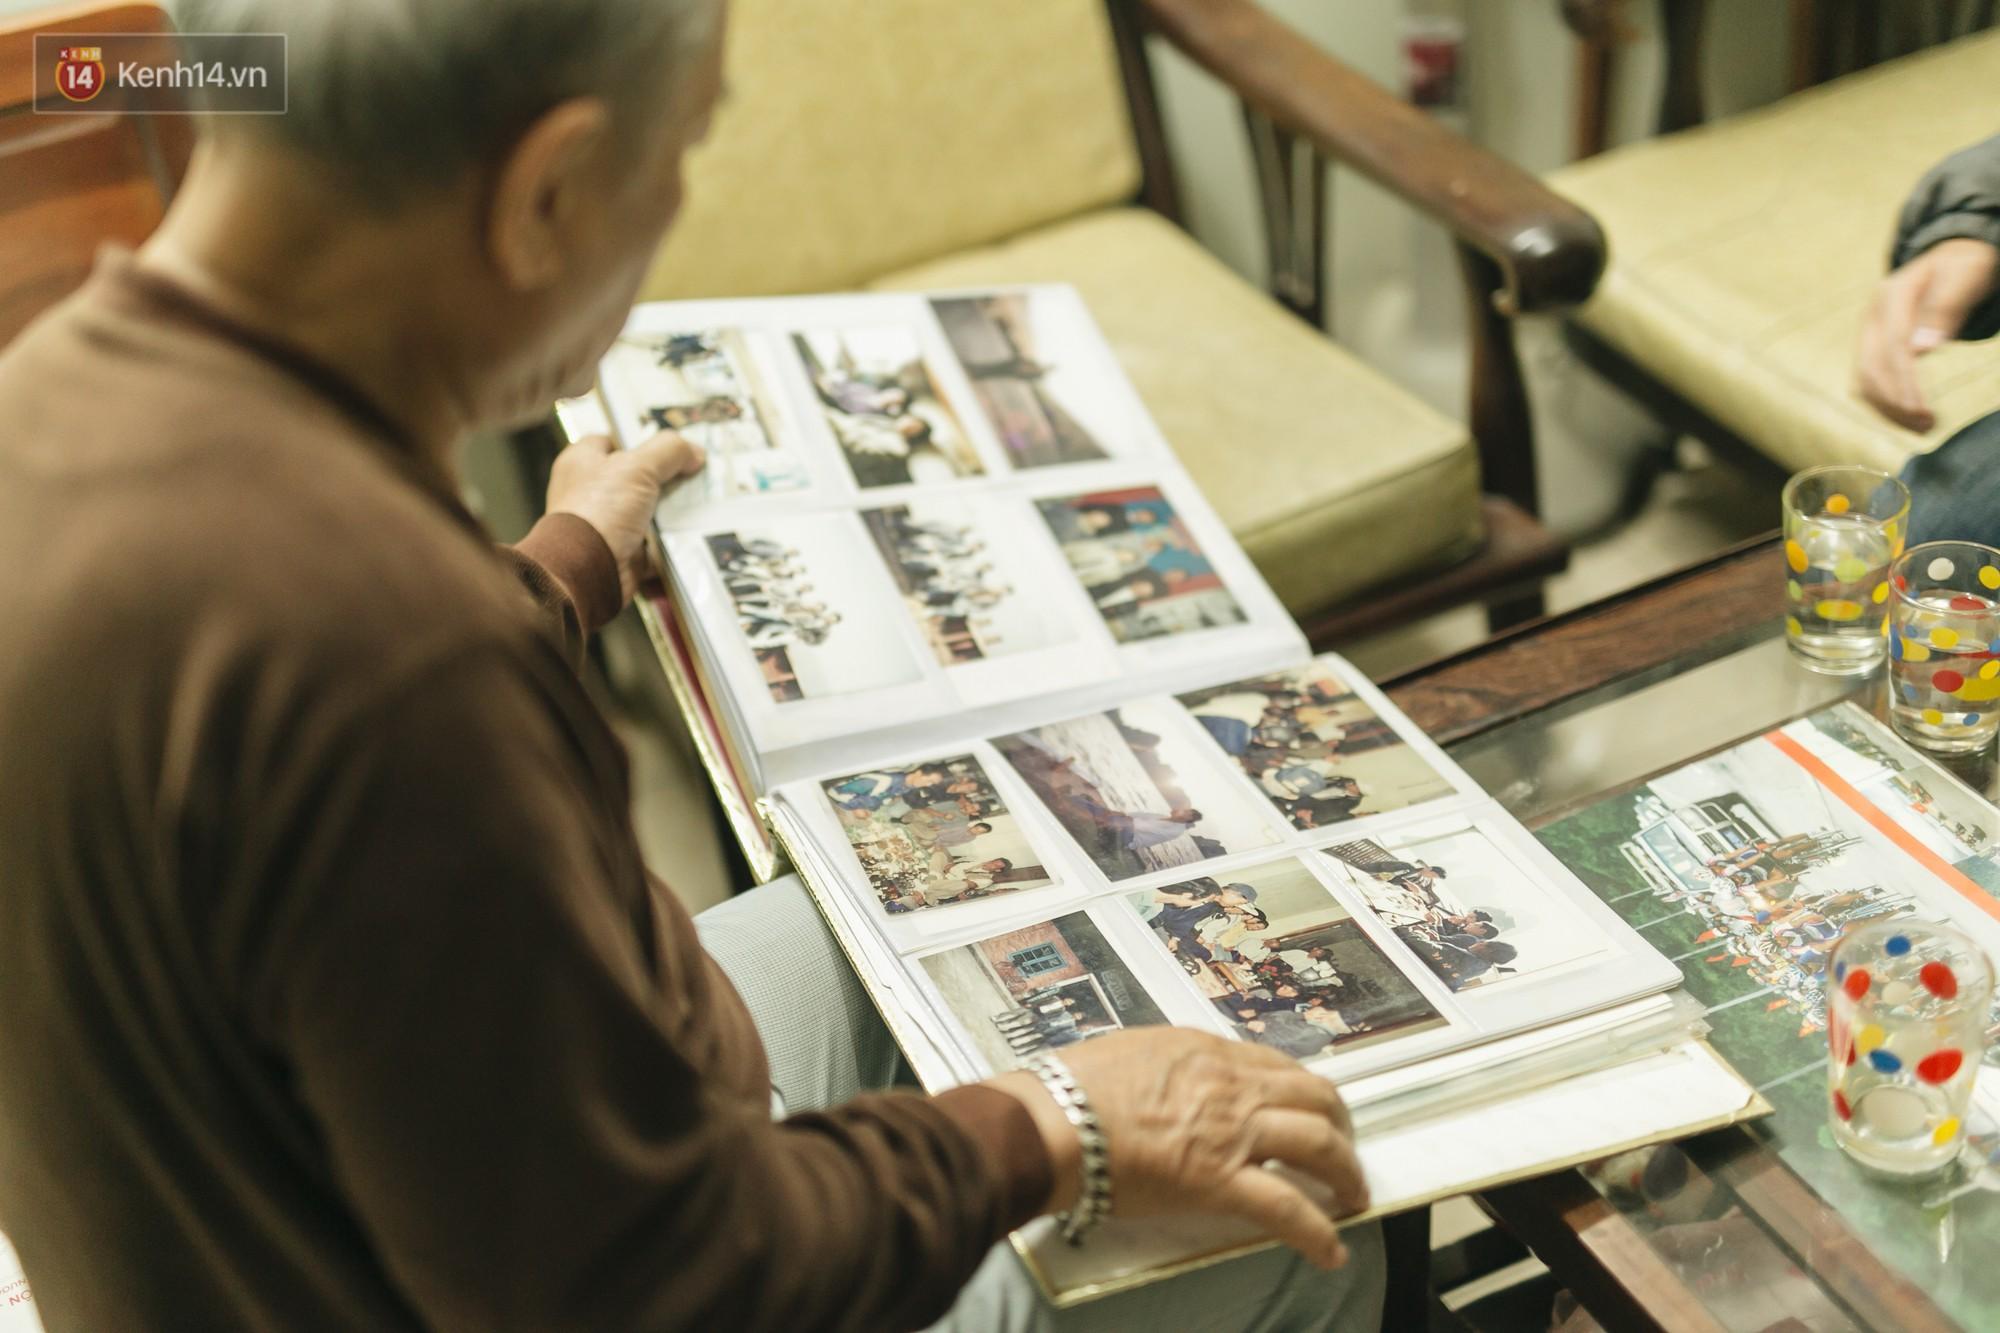 Đoạn kết đẹp của chàng sinh viên Hà Nội đem lòng yêu cô gái Triều Tiên và 30 năm xa cách tưởng như chẳng thể về bên nhau - Ảnh 5.